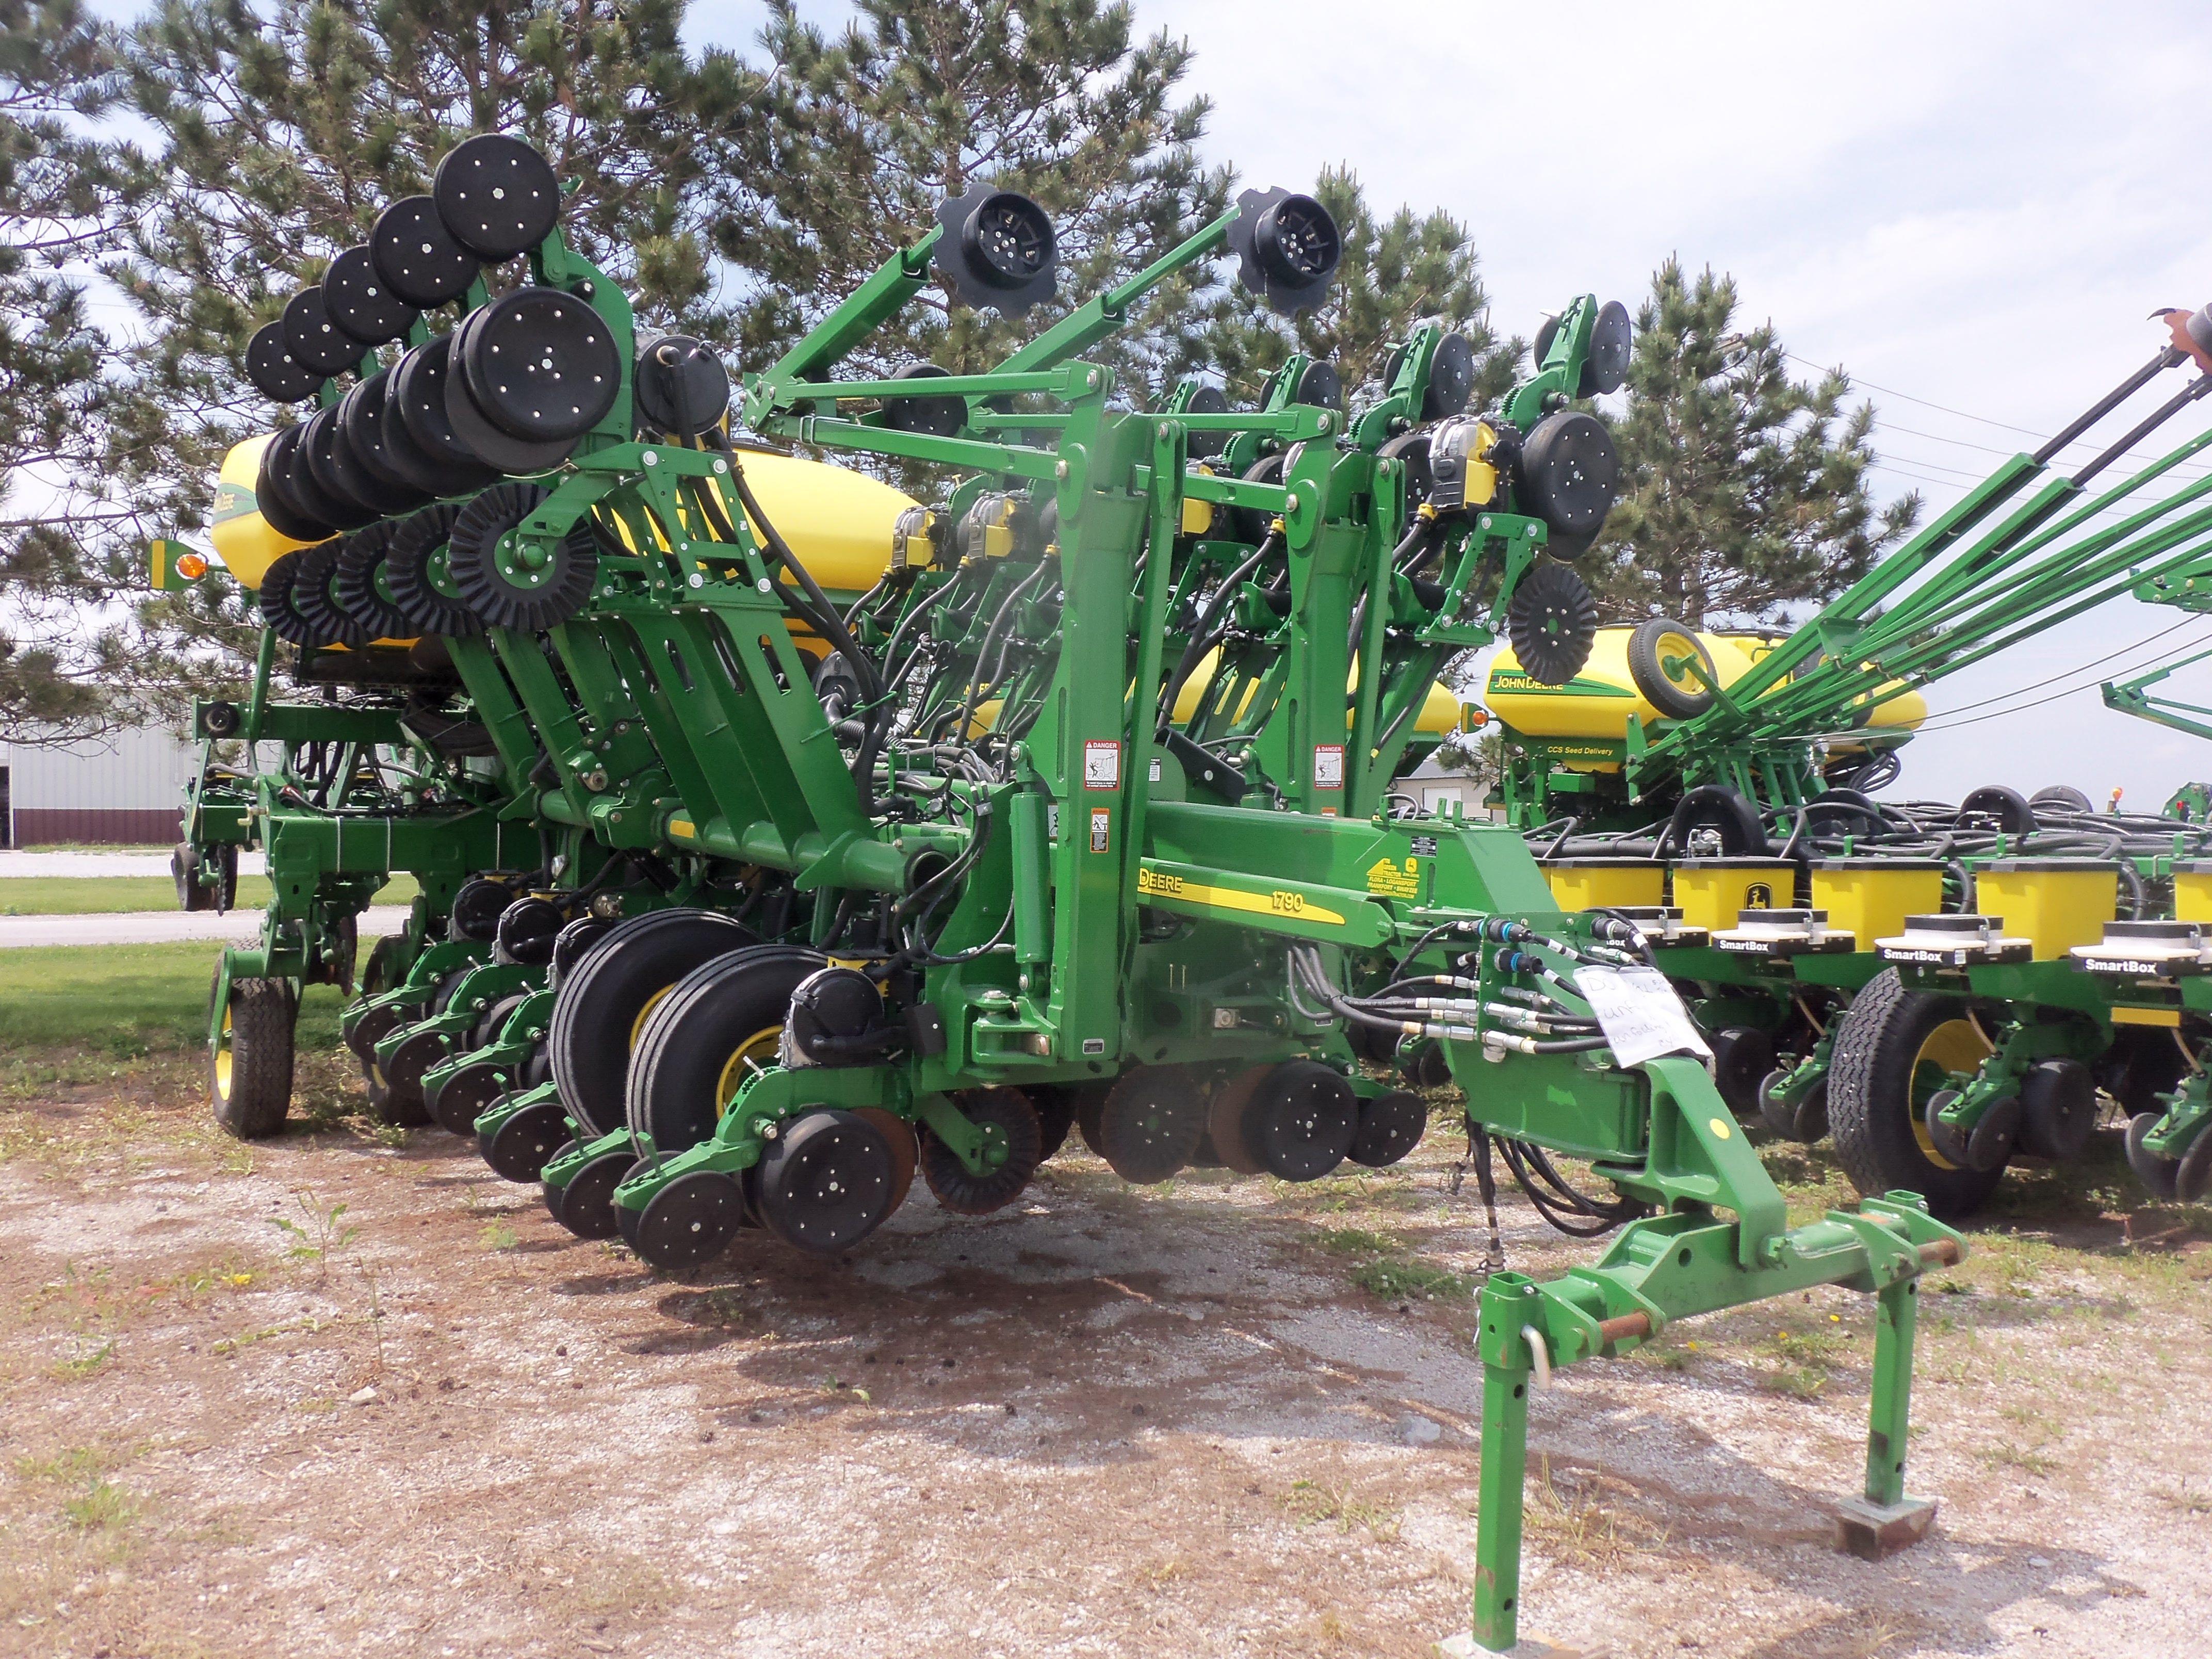 John Deere Flower Pots : Row john deere corn planter tractors